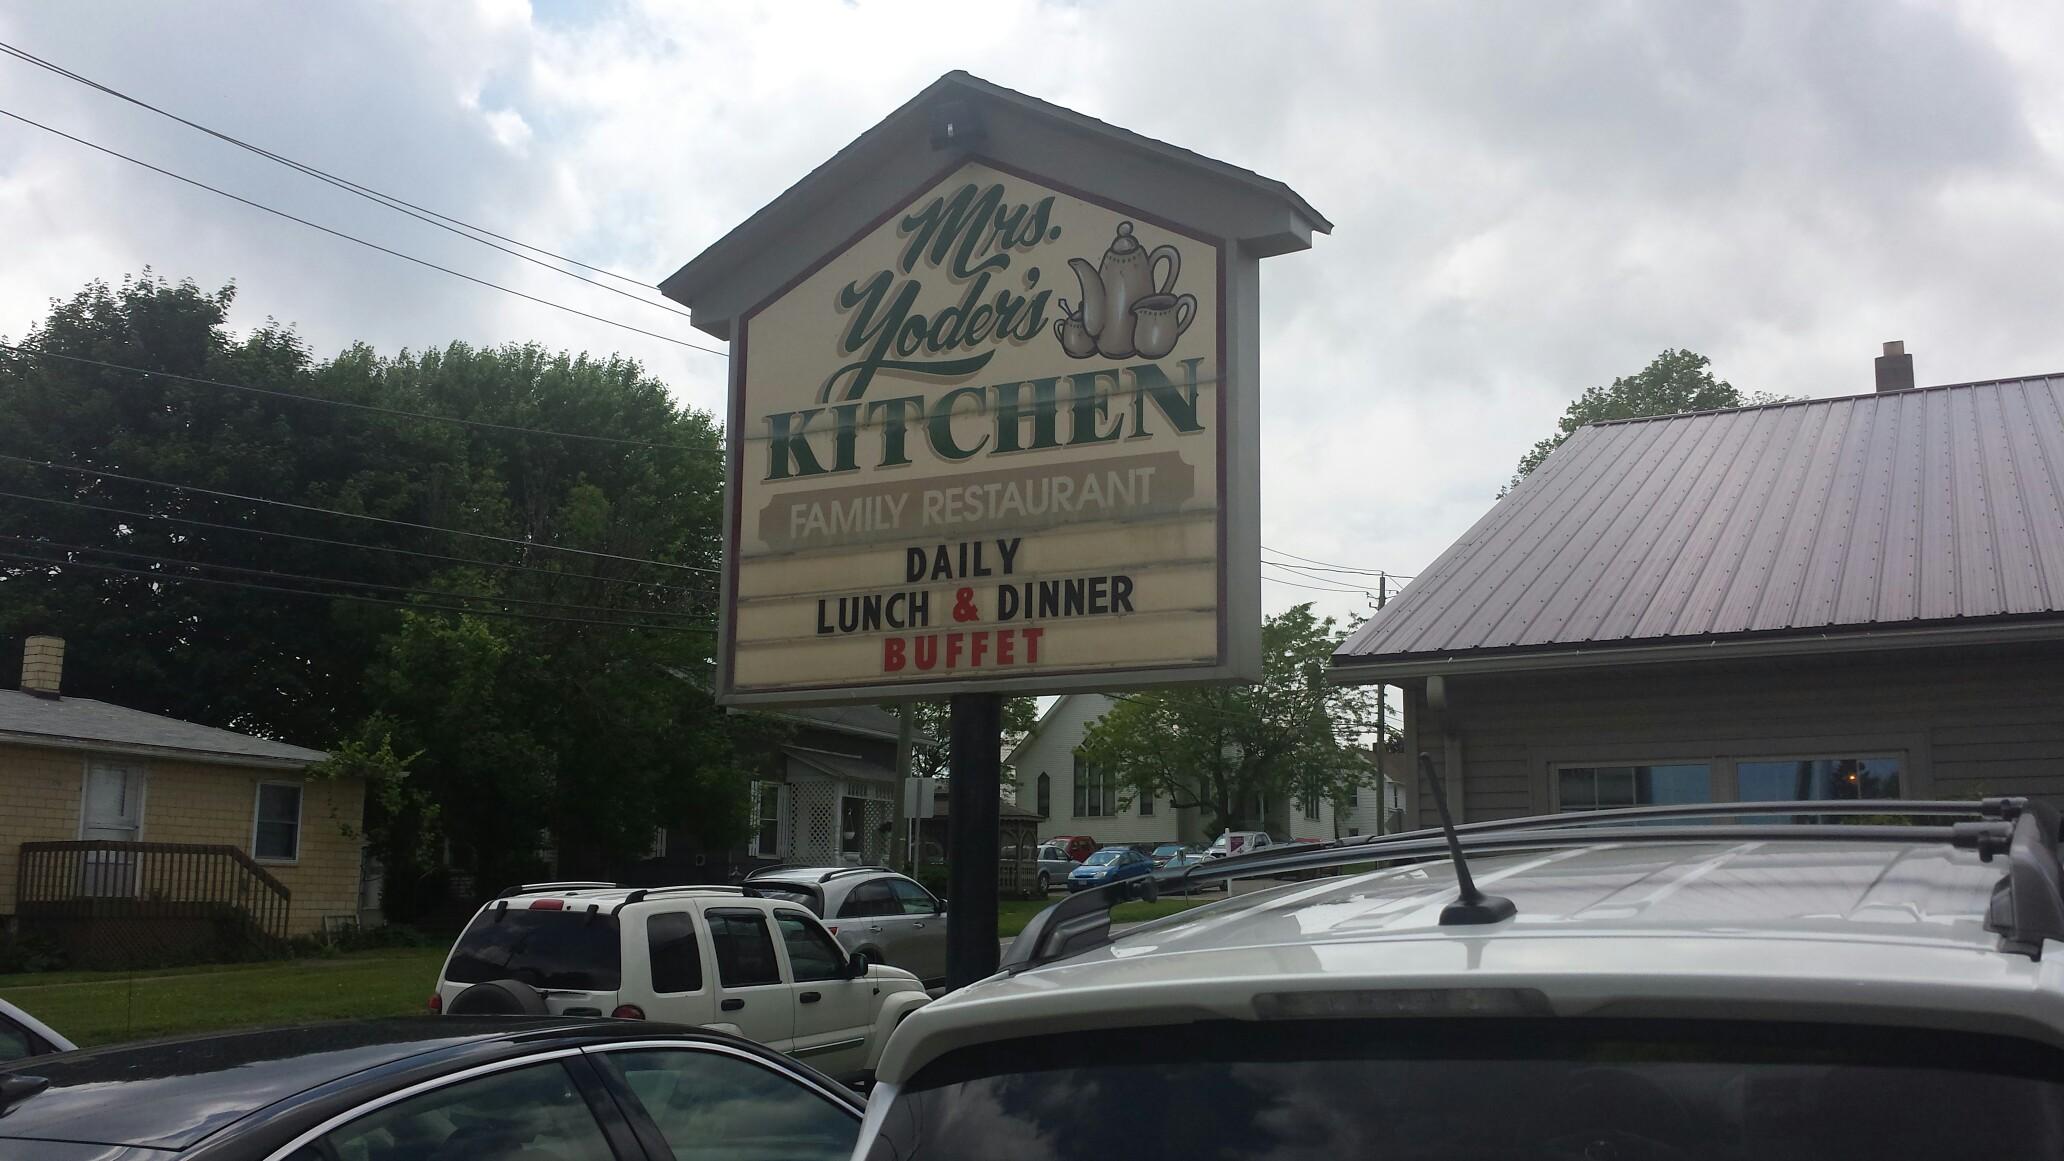 Mrs Yoder's Kitchen, Millersburg OH